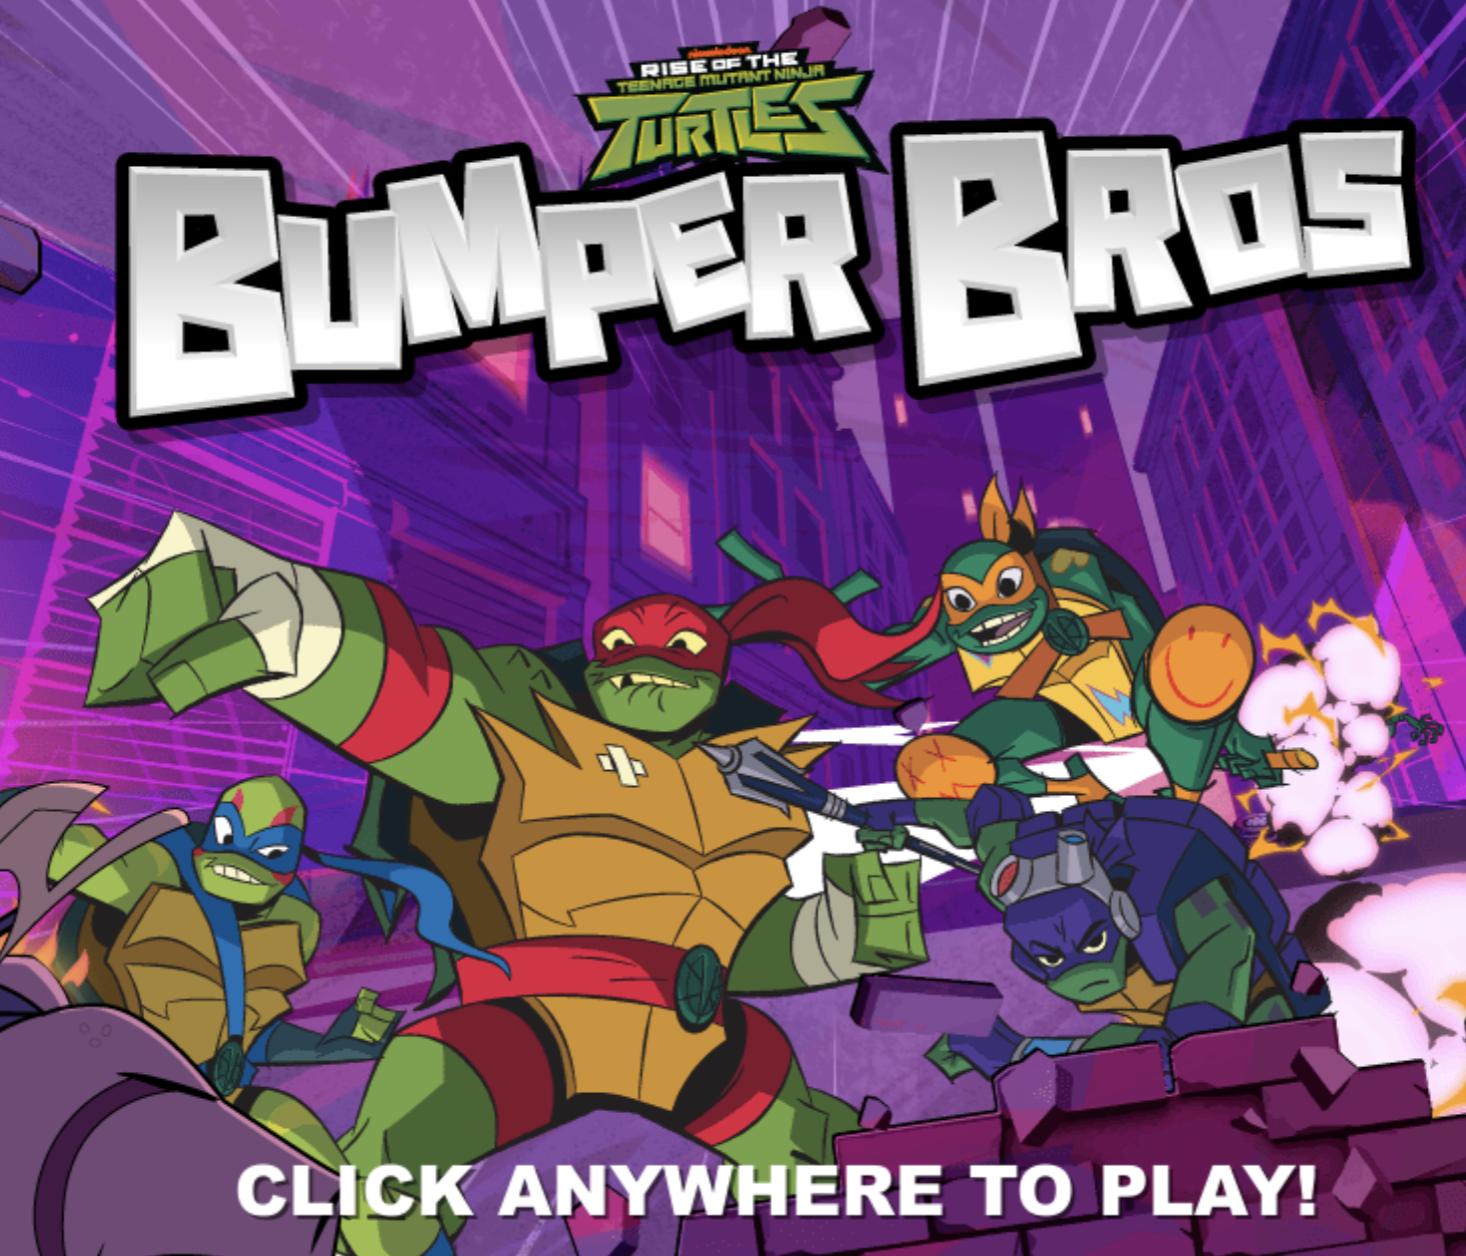 Rise Of The Teenage Mutant Ninja Turtles Bumper Bros Game Teenage Mutant Ninja Turtles Ninja Turtles Teenage Mutant Ninja